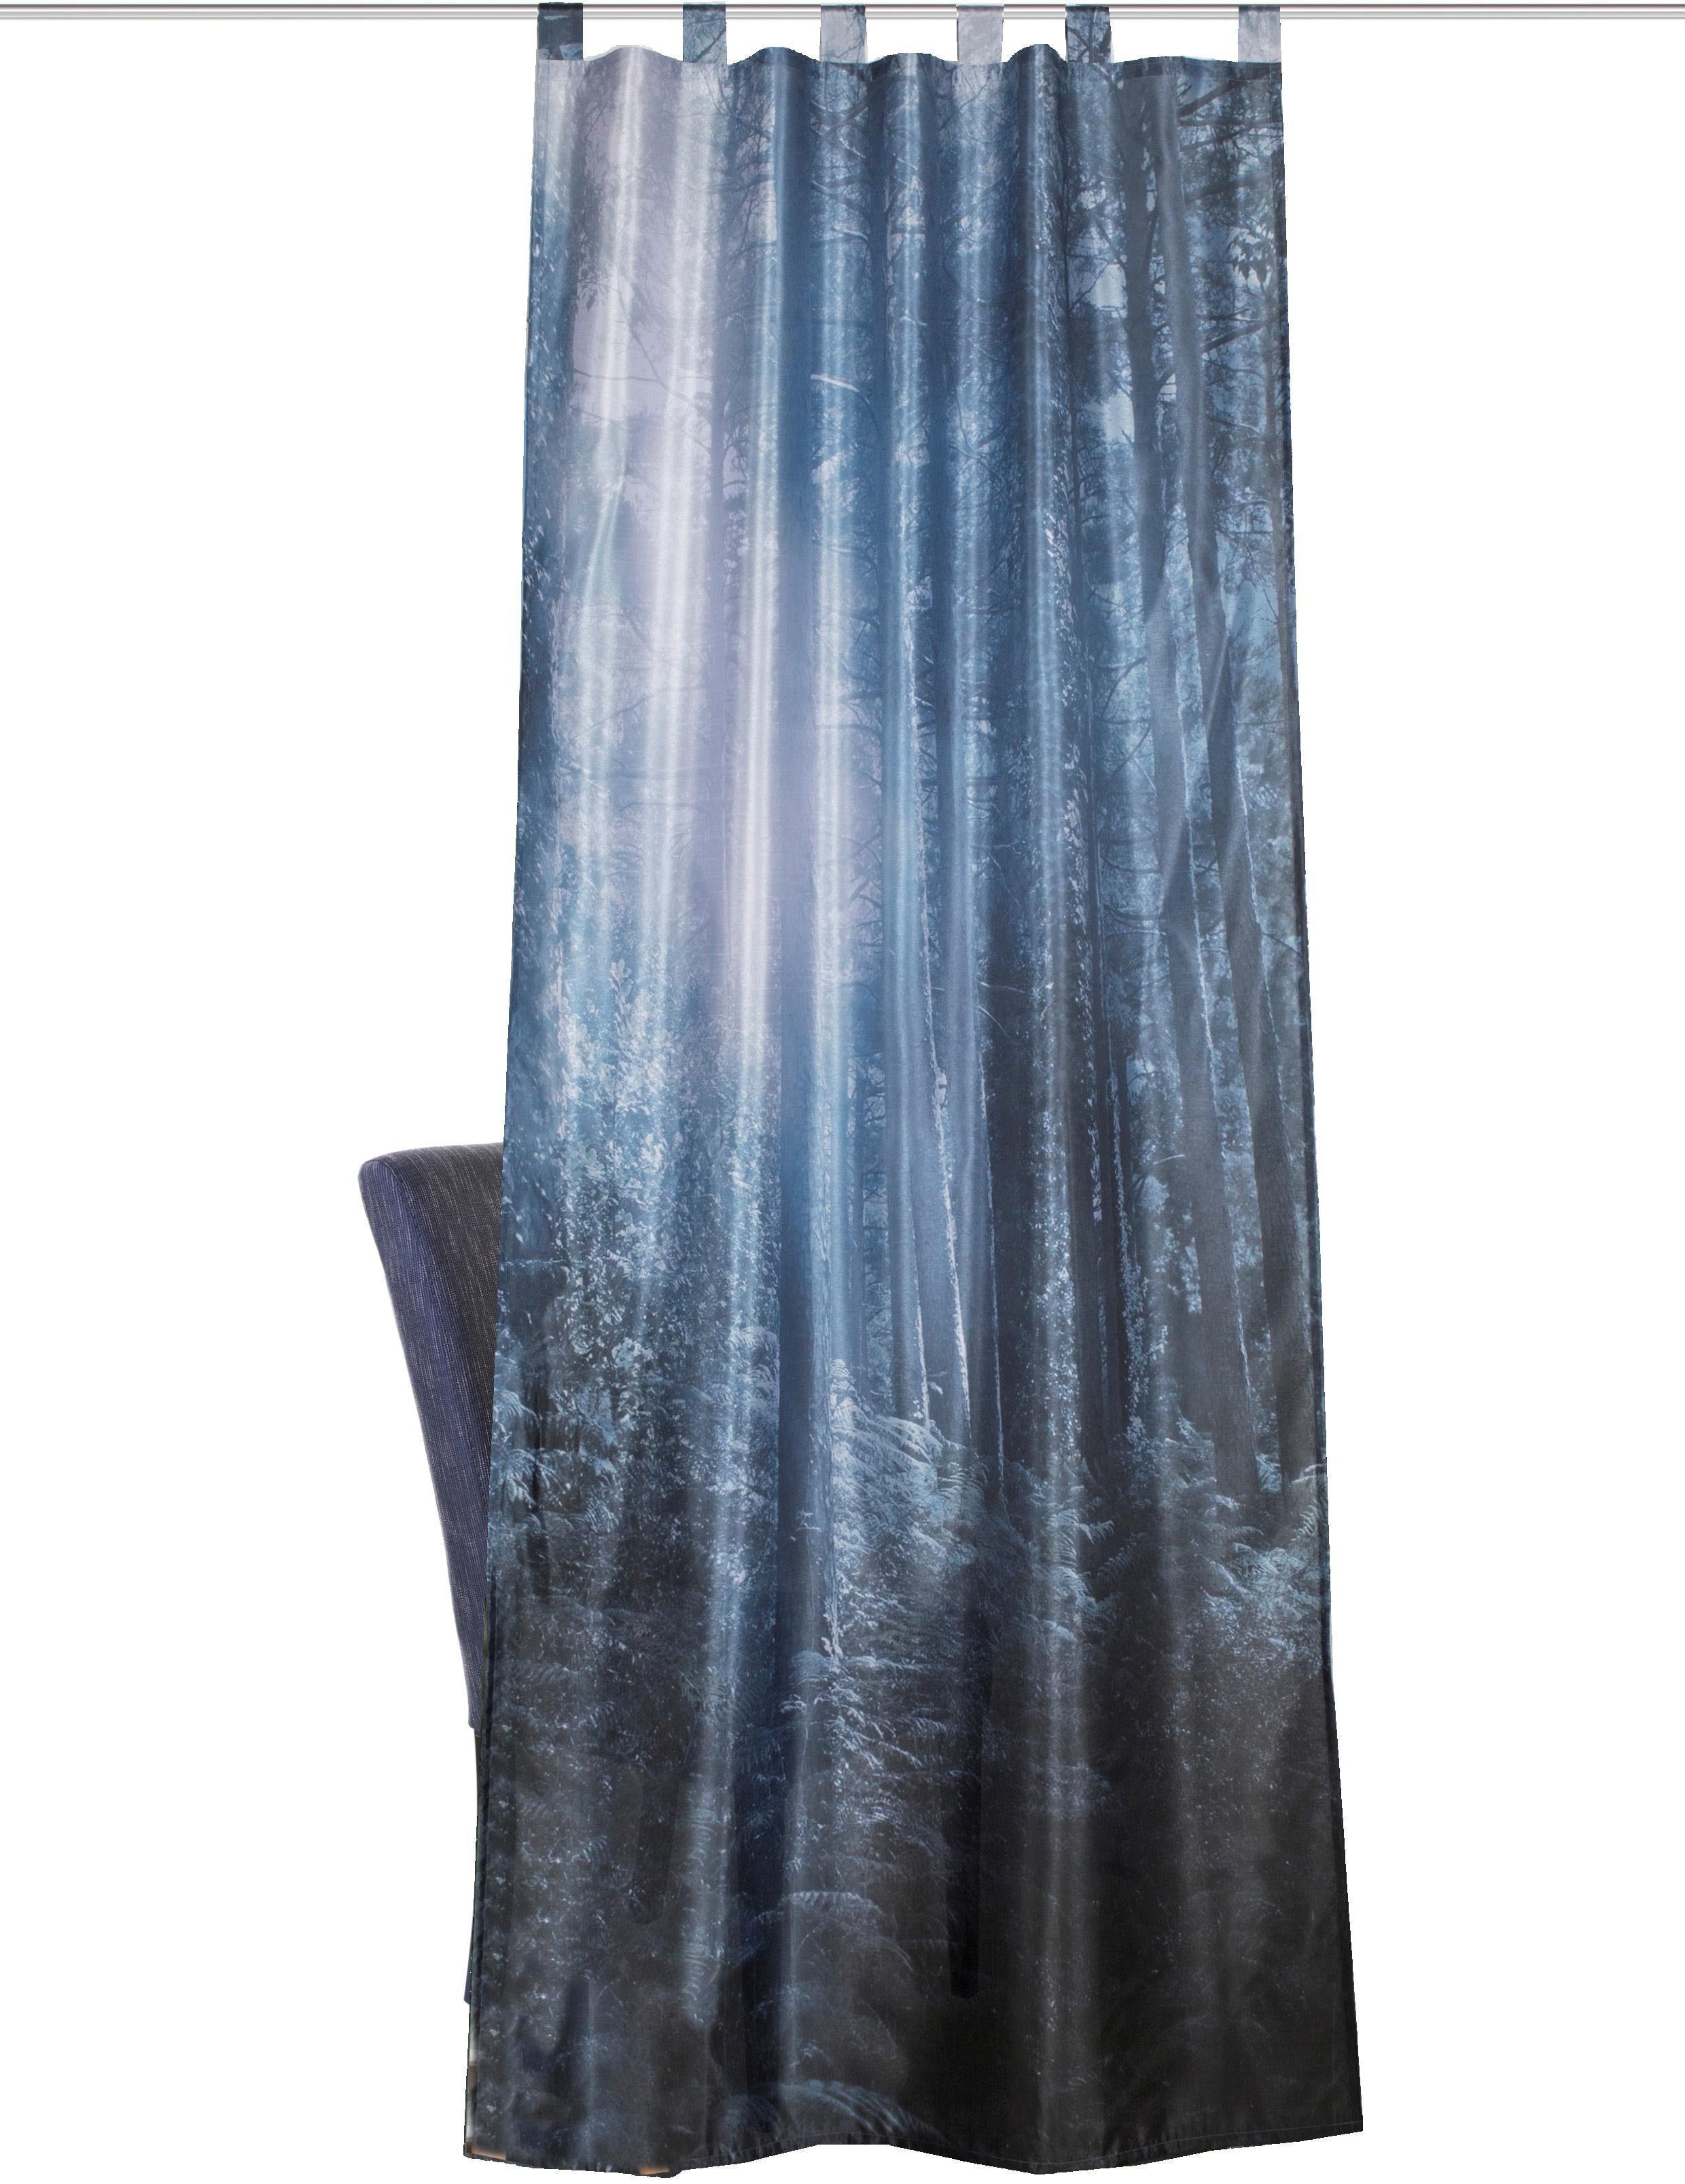 Vorhang »FORK«, HOME WOHNIDEEN, Schlaufen (1 Stück), Schlaufenschals Dekostoff Digitaldruck